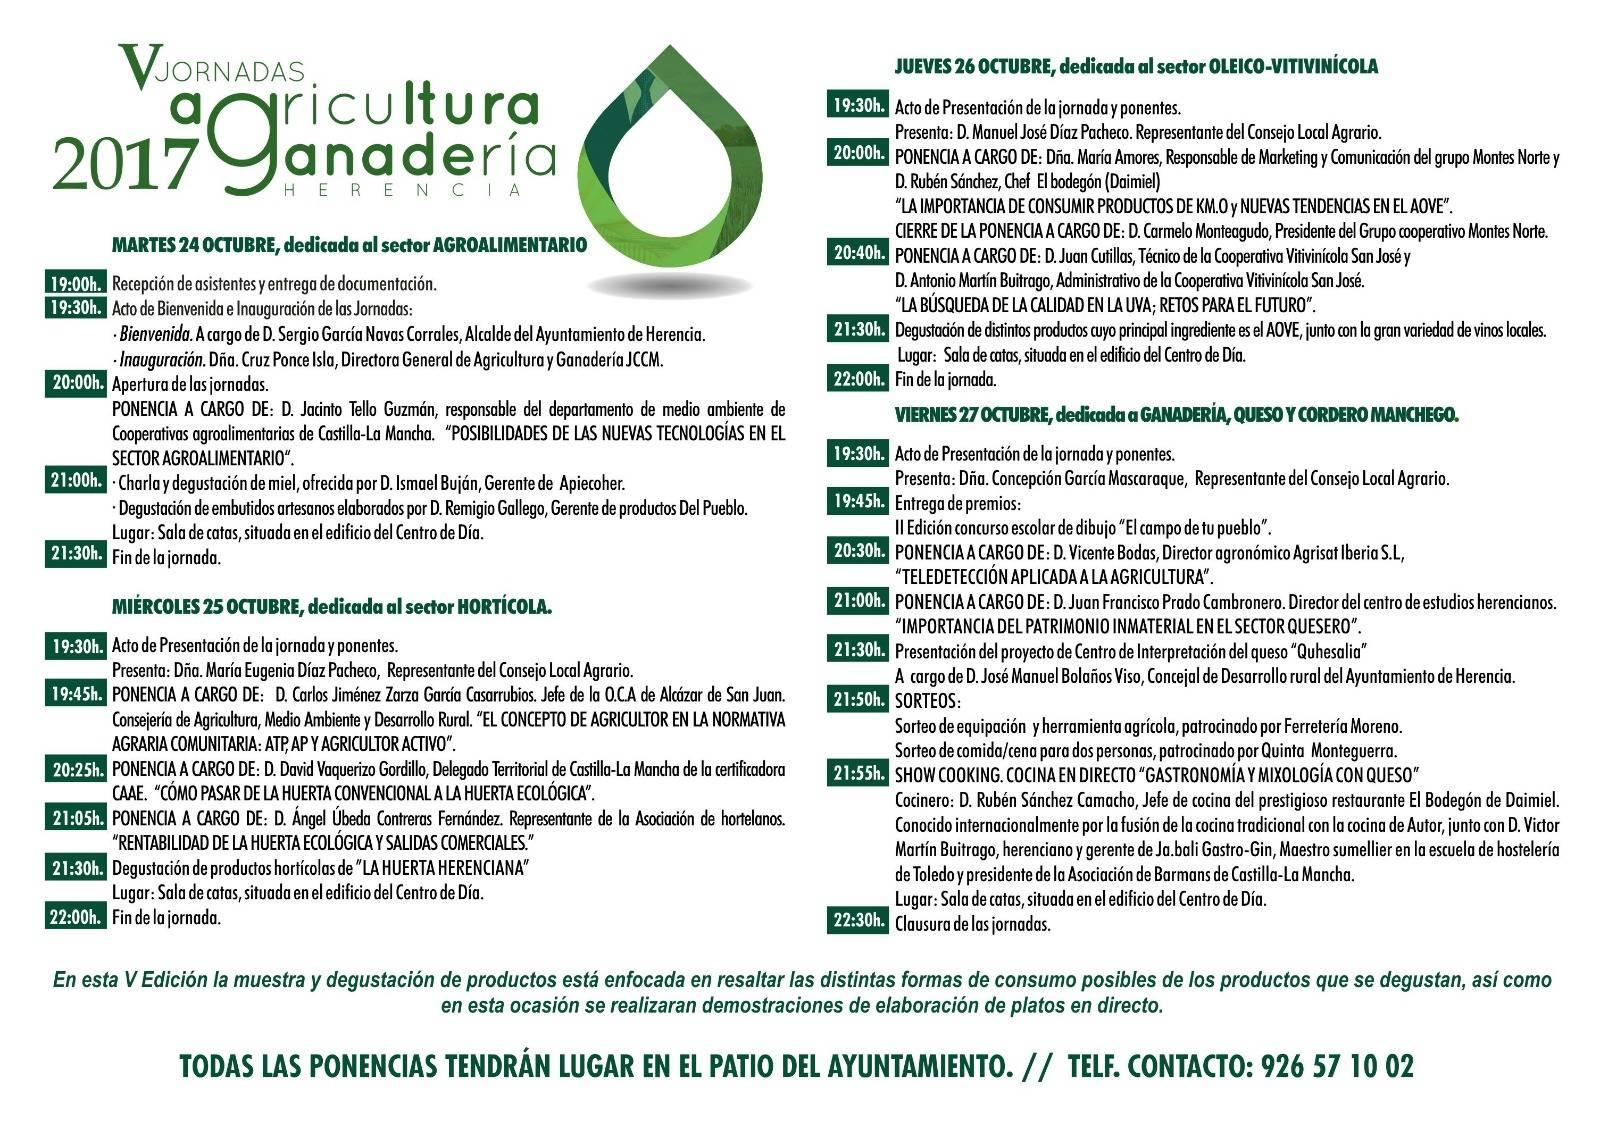 V Jornadas de Agricultura y Ganader%C3%ADa de Herencia programa - V Jornadas de Agricultura y Ganadería de Herencia